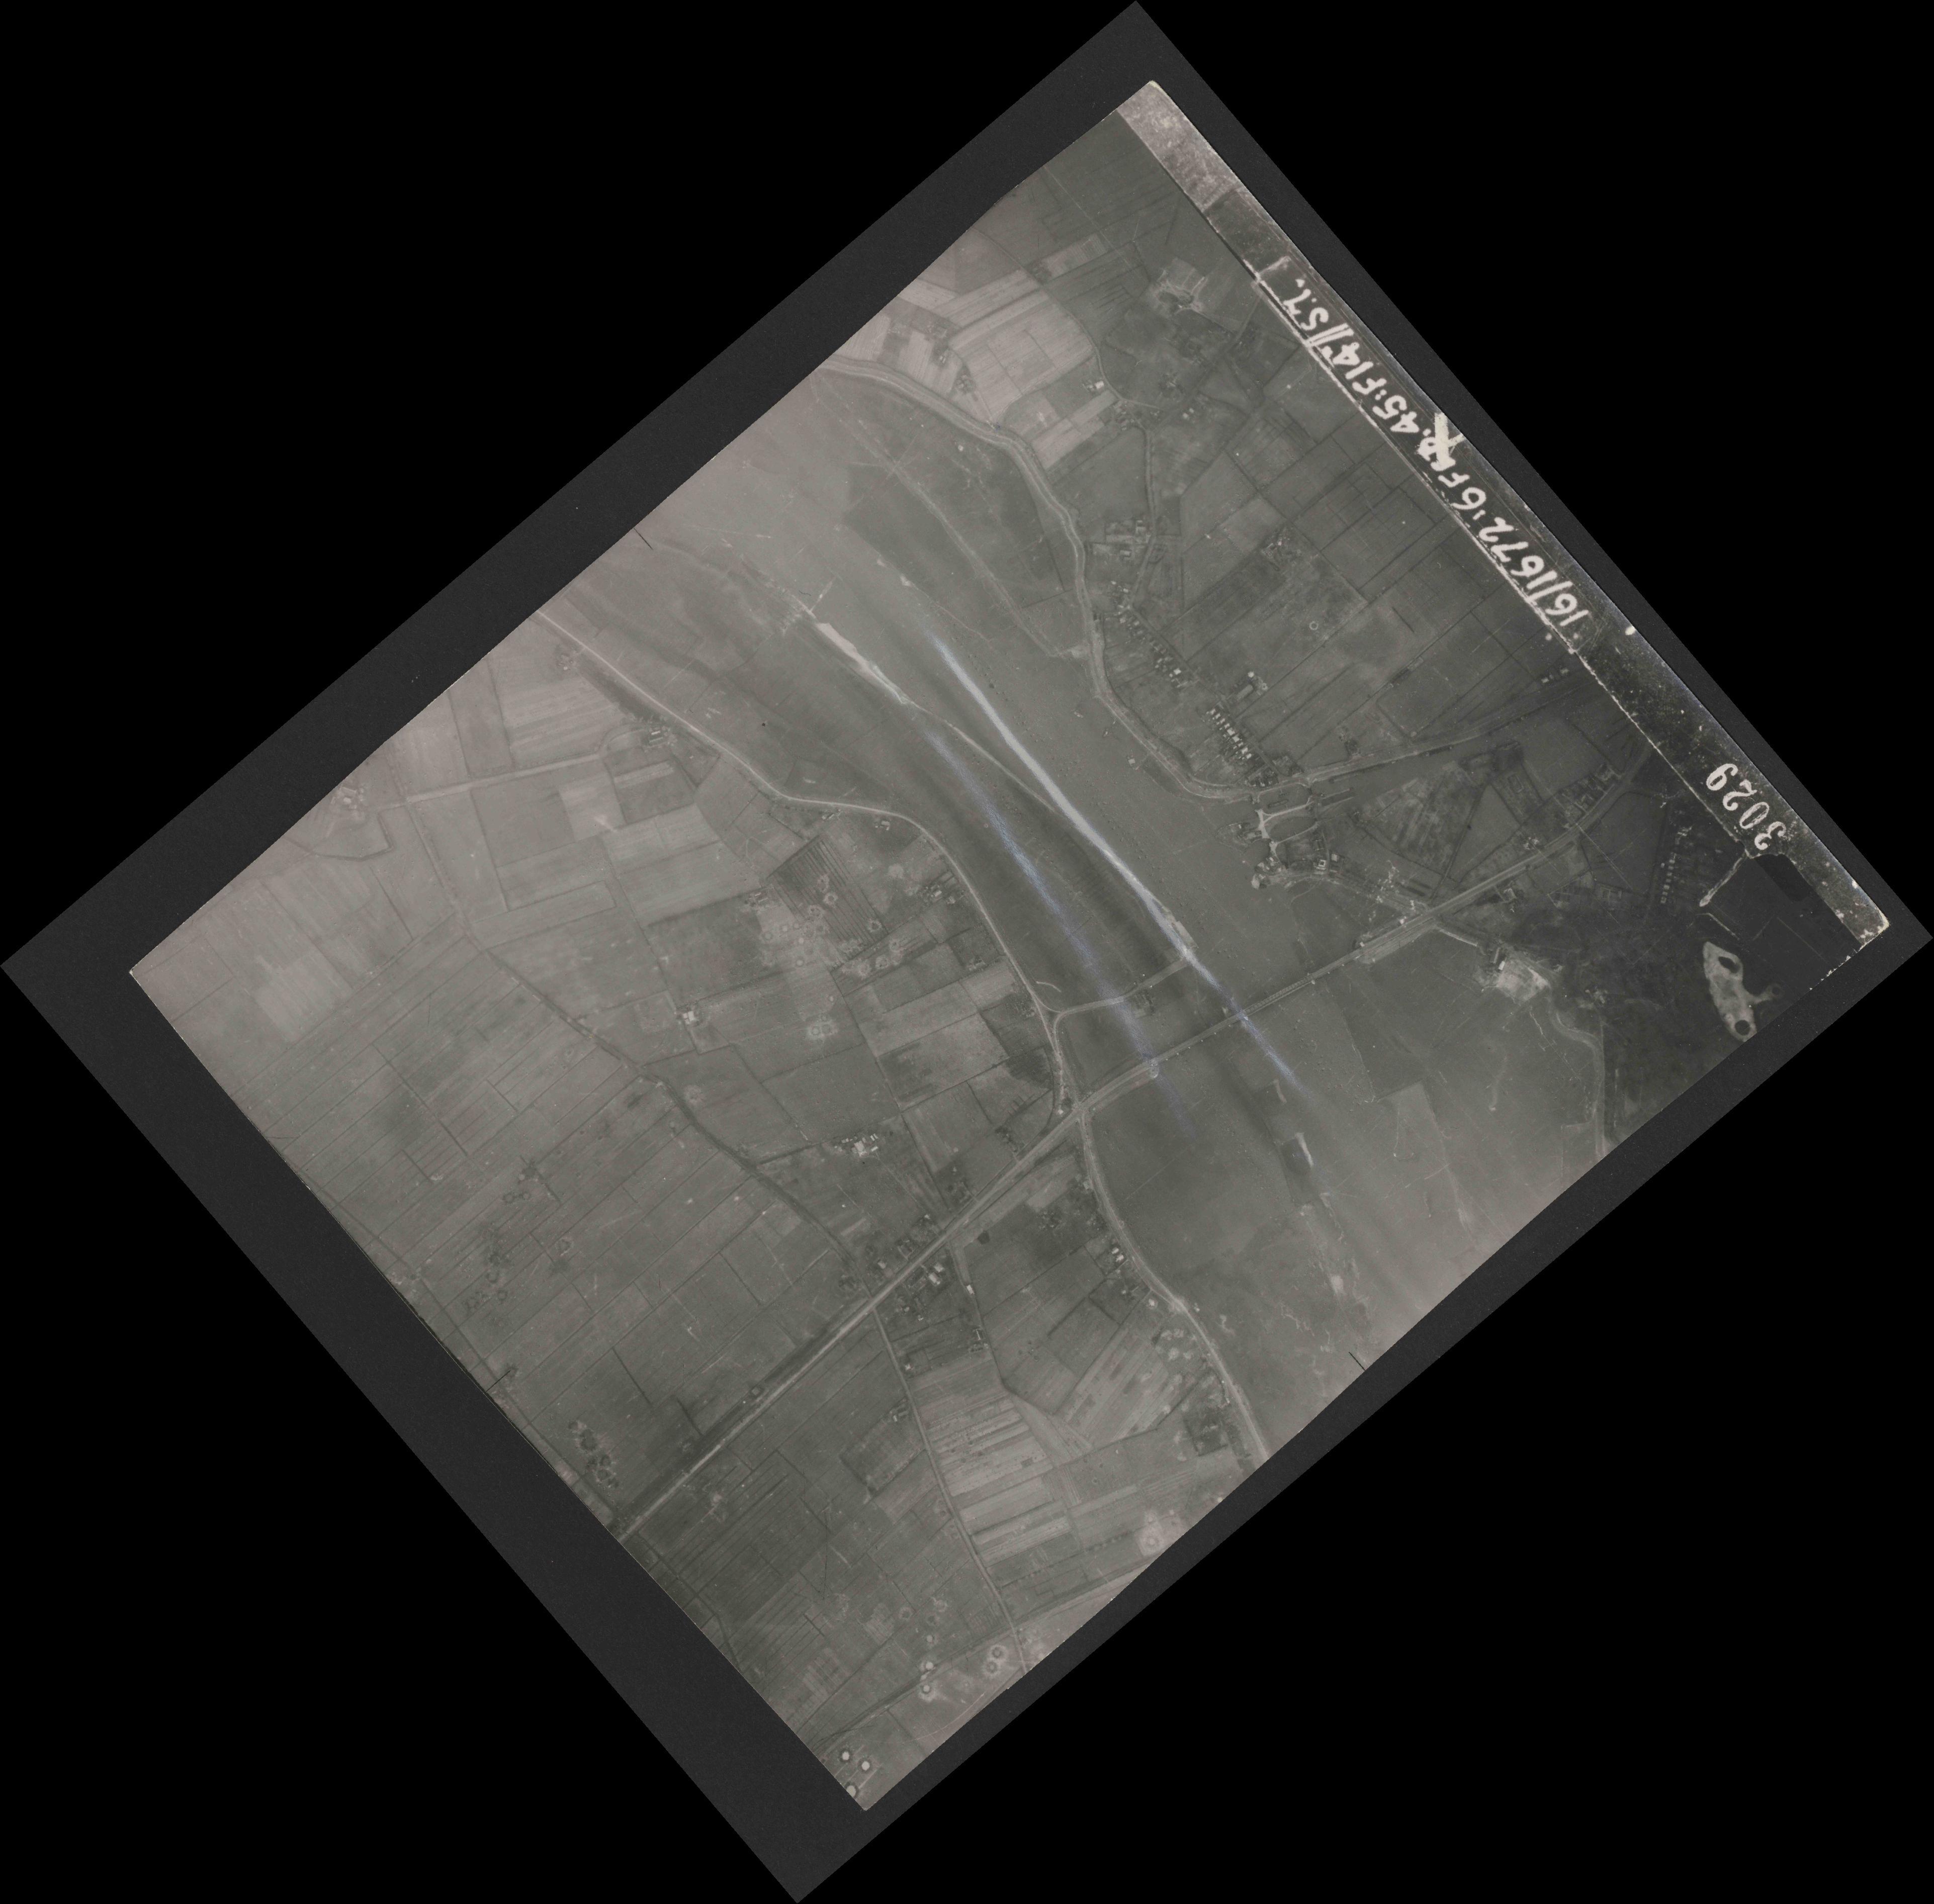 Collection RAF aerial photos 1940-1945 - flight 157, run 01, photo 3029